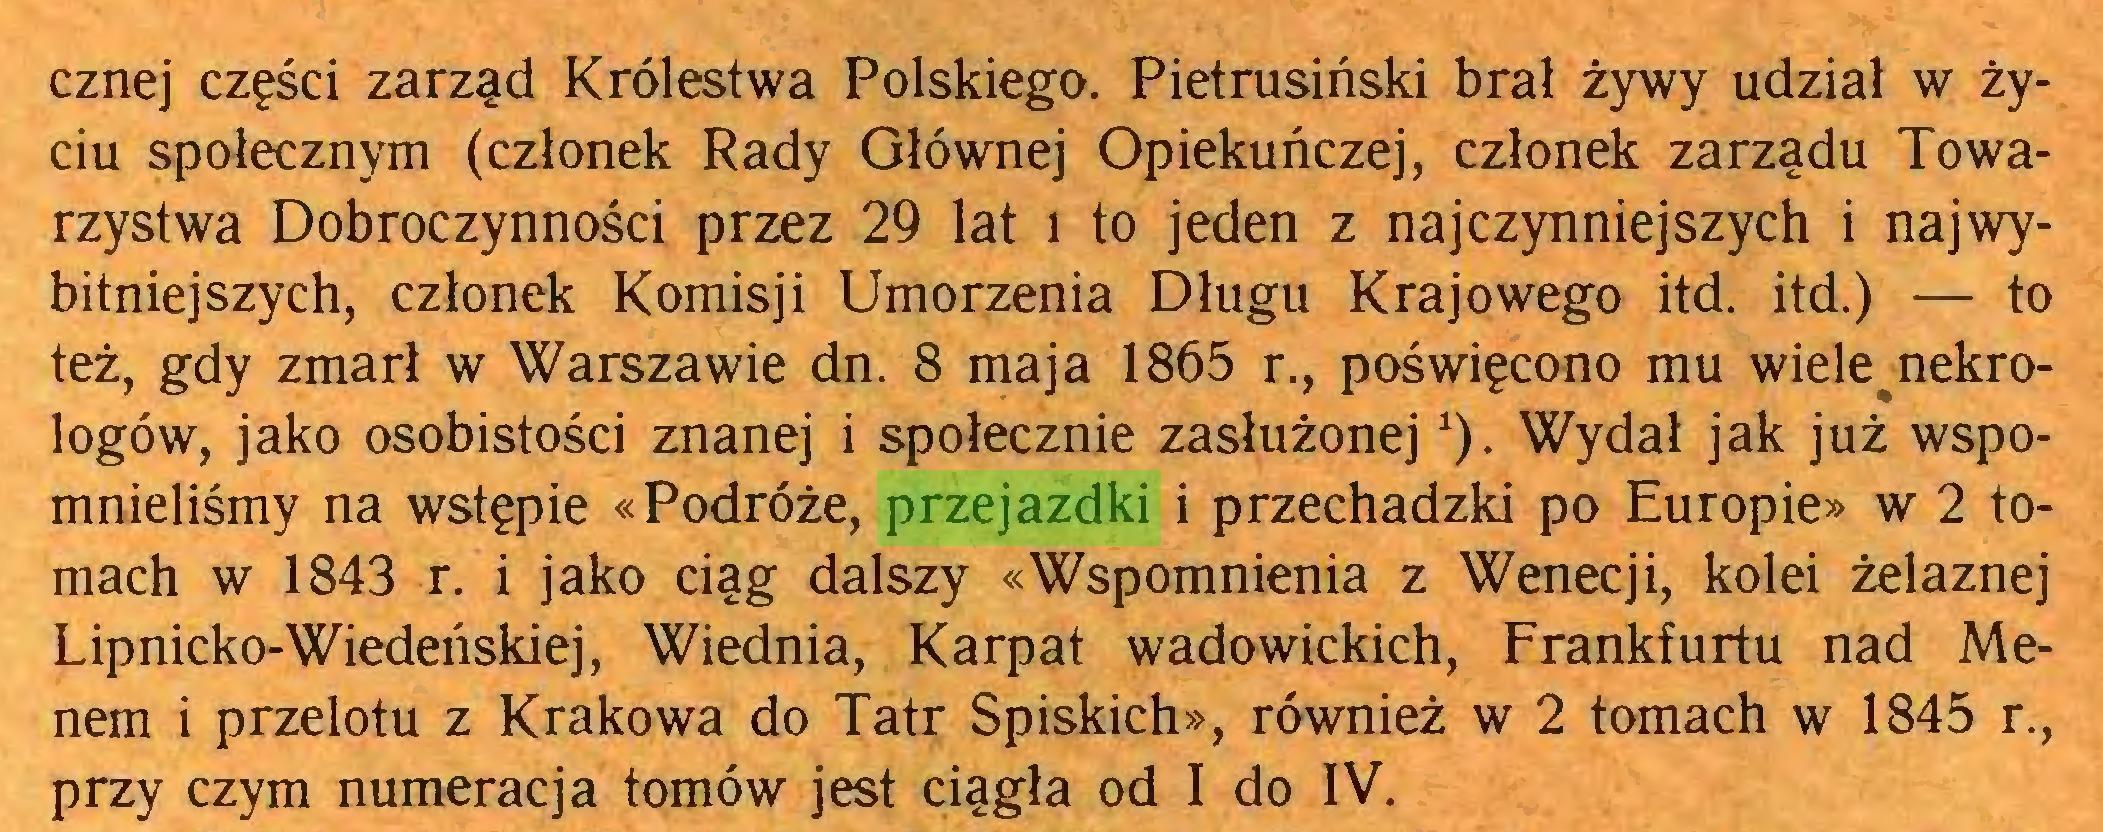 (...) cznej części zarząd Królestwa Polskiego. Pietrusiński brał żywy udział w życiu społecznym (członek Rady Głównej Opiekuńczej, członek zarządu Towarzystwa Dobroczynności przez 29 lat i to jeden z najczynniejszych i najwybitniejszych, członek Komisji Umorzenia Długu Krajowego itd. itd.) — to też, gdy zmarł w Warszawie dn. 8 maja 1865 r., poświęcono mu wiele nekrologów, jako osobistości znanej i społecznie zasłużonej*). Wydał jak już wspomnieliśmy na wstępie «Podróże, przejazdki i przechadzki po Europie» w 2 tomach w 1843 r. i jako ciąg dalszy «Wspomnienia z Wenecji, kolei żelaznej Lipnicko-Wiedeńskiej, Wiednia, Karpat wadowickich, Frankfurtu nad Menem i przelotu z Krakowa do Tatr Spiskich», również w 2 tomach w 1845 r., przy czym numeracja tomów jest ciągła od I do IV...